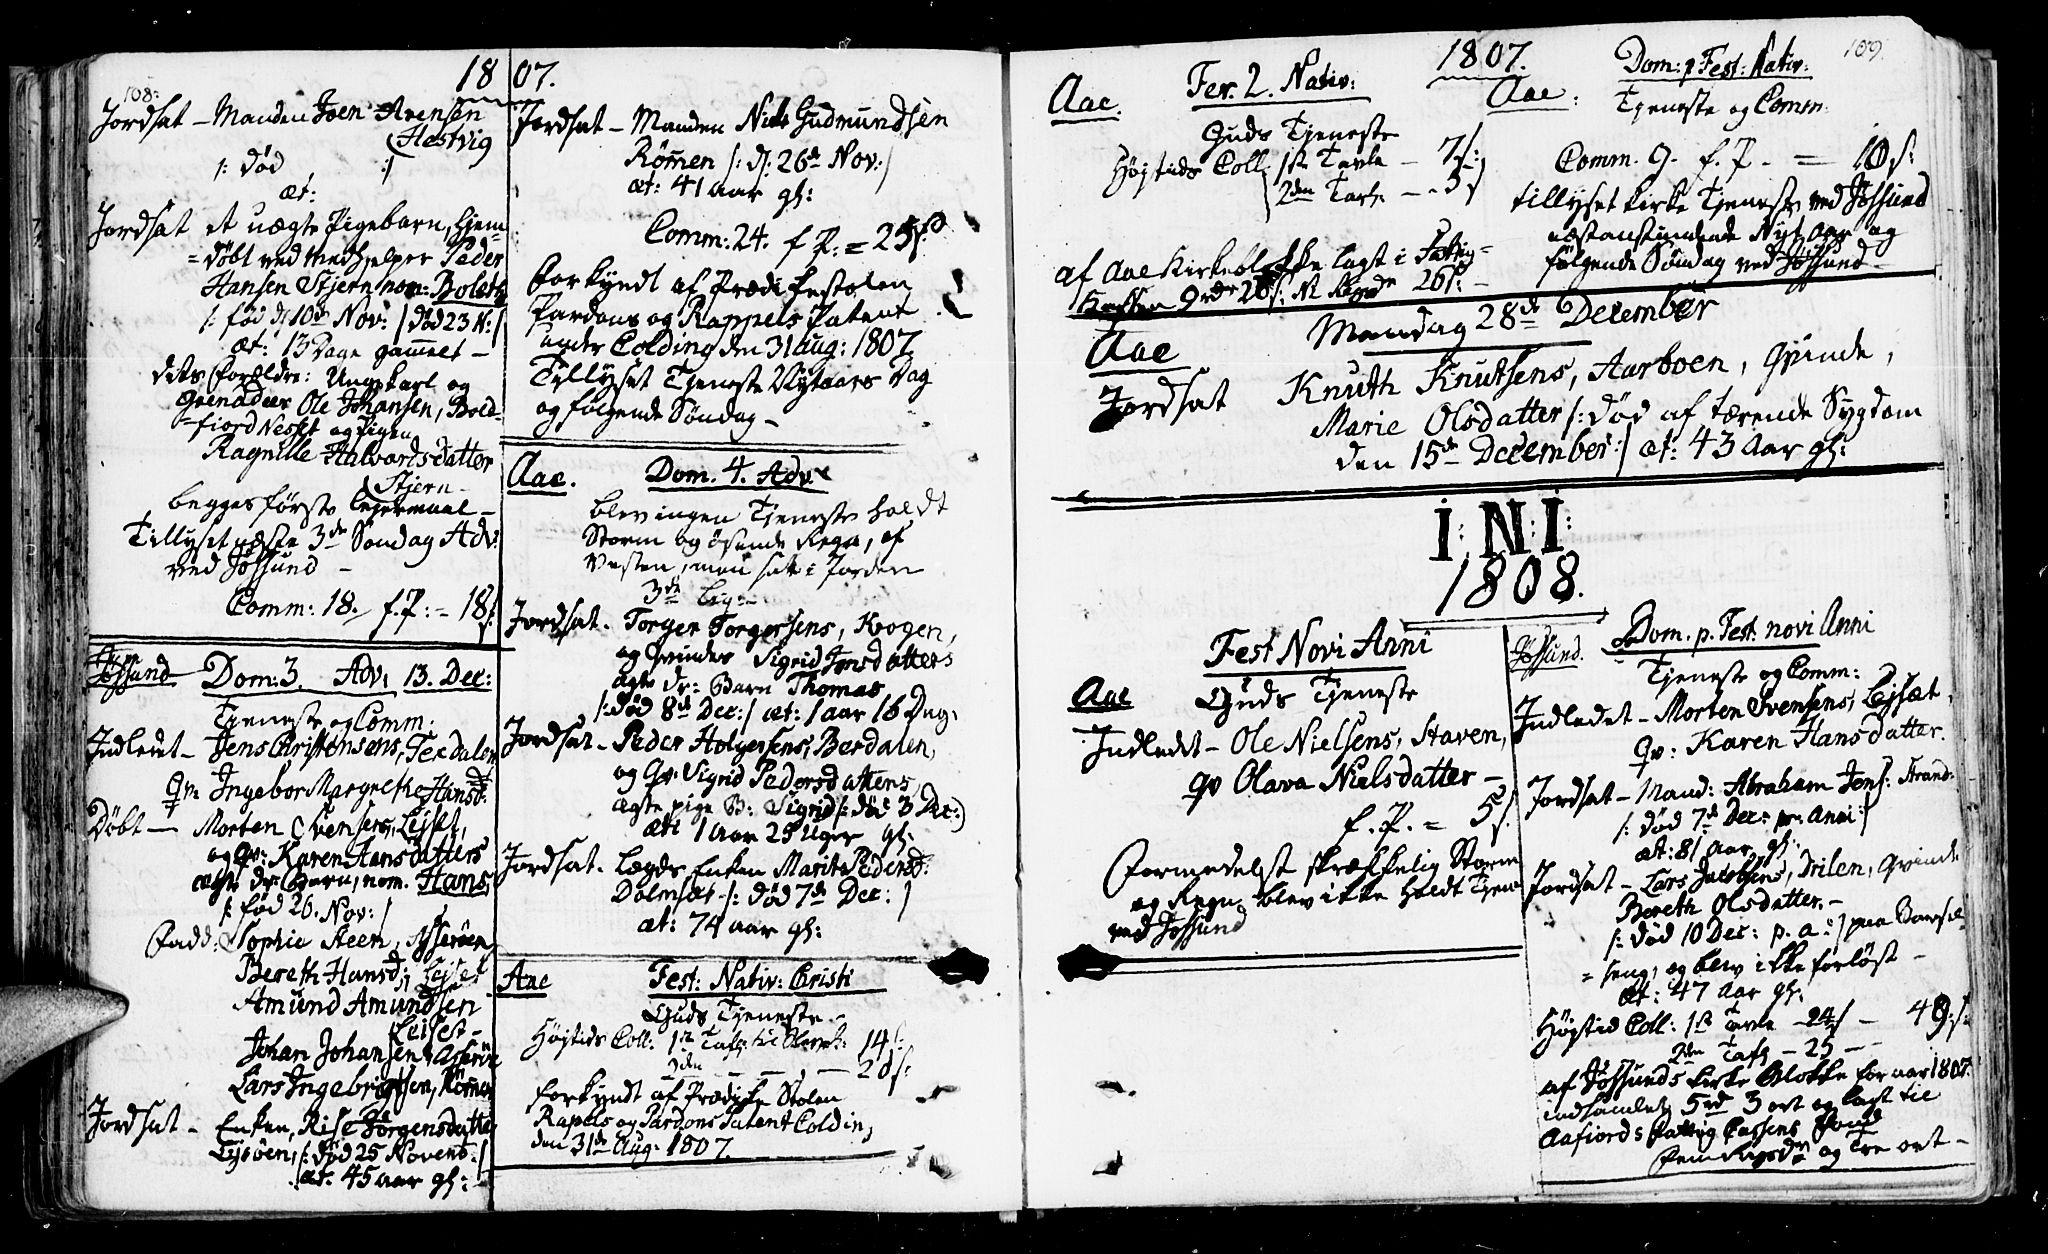 SAT, Ministerialprotokoller, klokkerbøker og fødselsregistre - Sør-Trøndelag, 655/L0674: Ministerialbok nr. 655A03, 1802-1826, s. 108-109